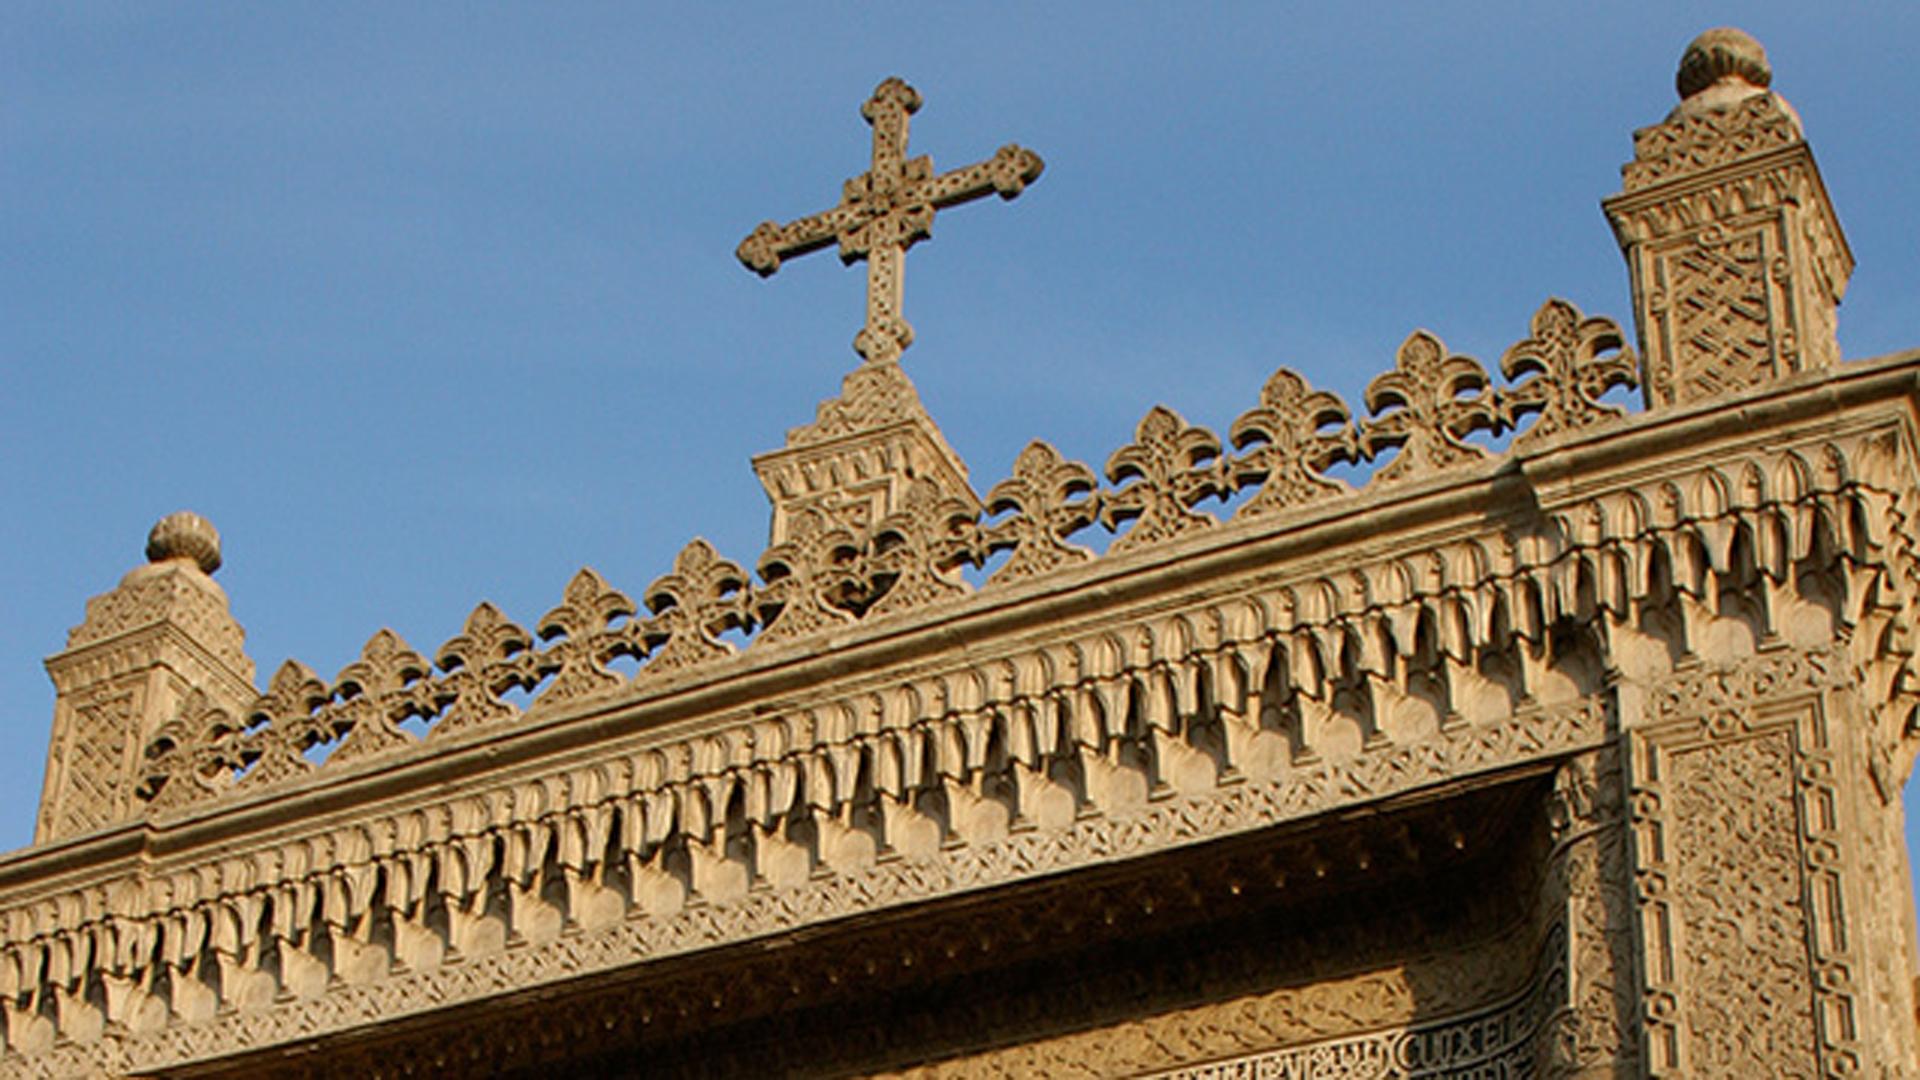 Eine koptische Kirche in Kairo: 25 Menschen kamen bei einer Explosion nahe einer Kirche in der Stadt am Wochenende ums Leben. Der IS hat sich zu diesem Anschlag bekannt.